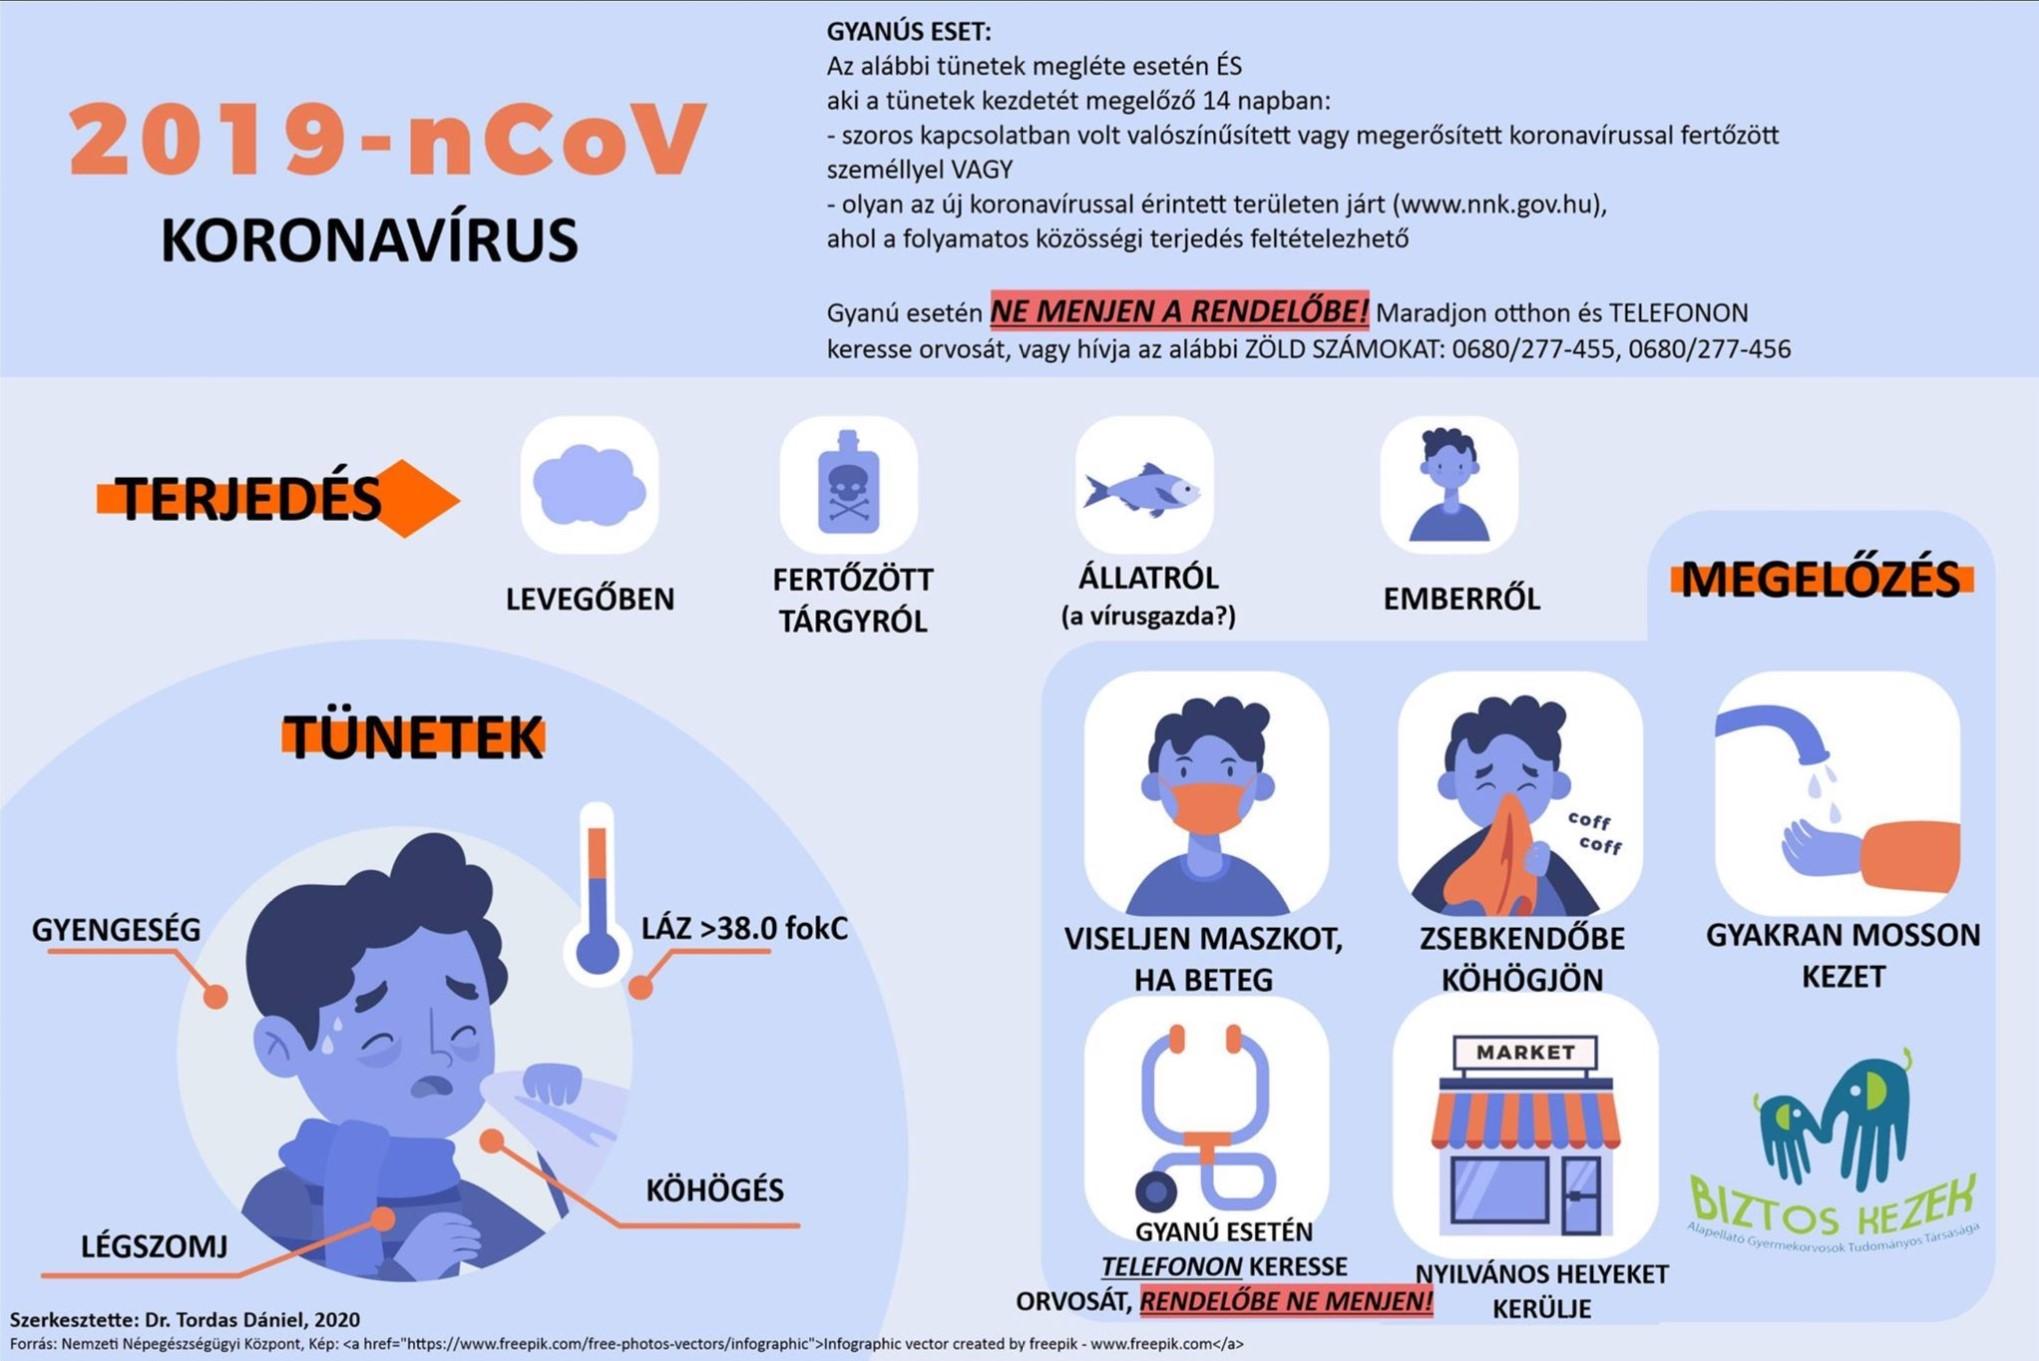 Hasznos információk a koronavírusról